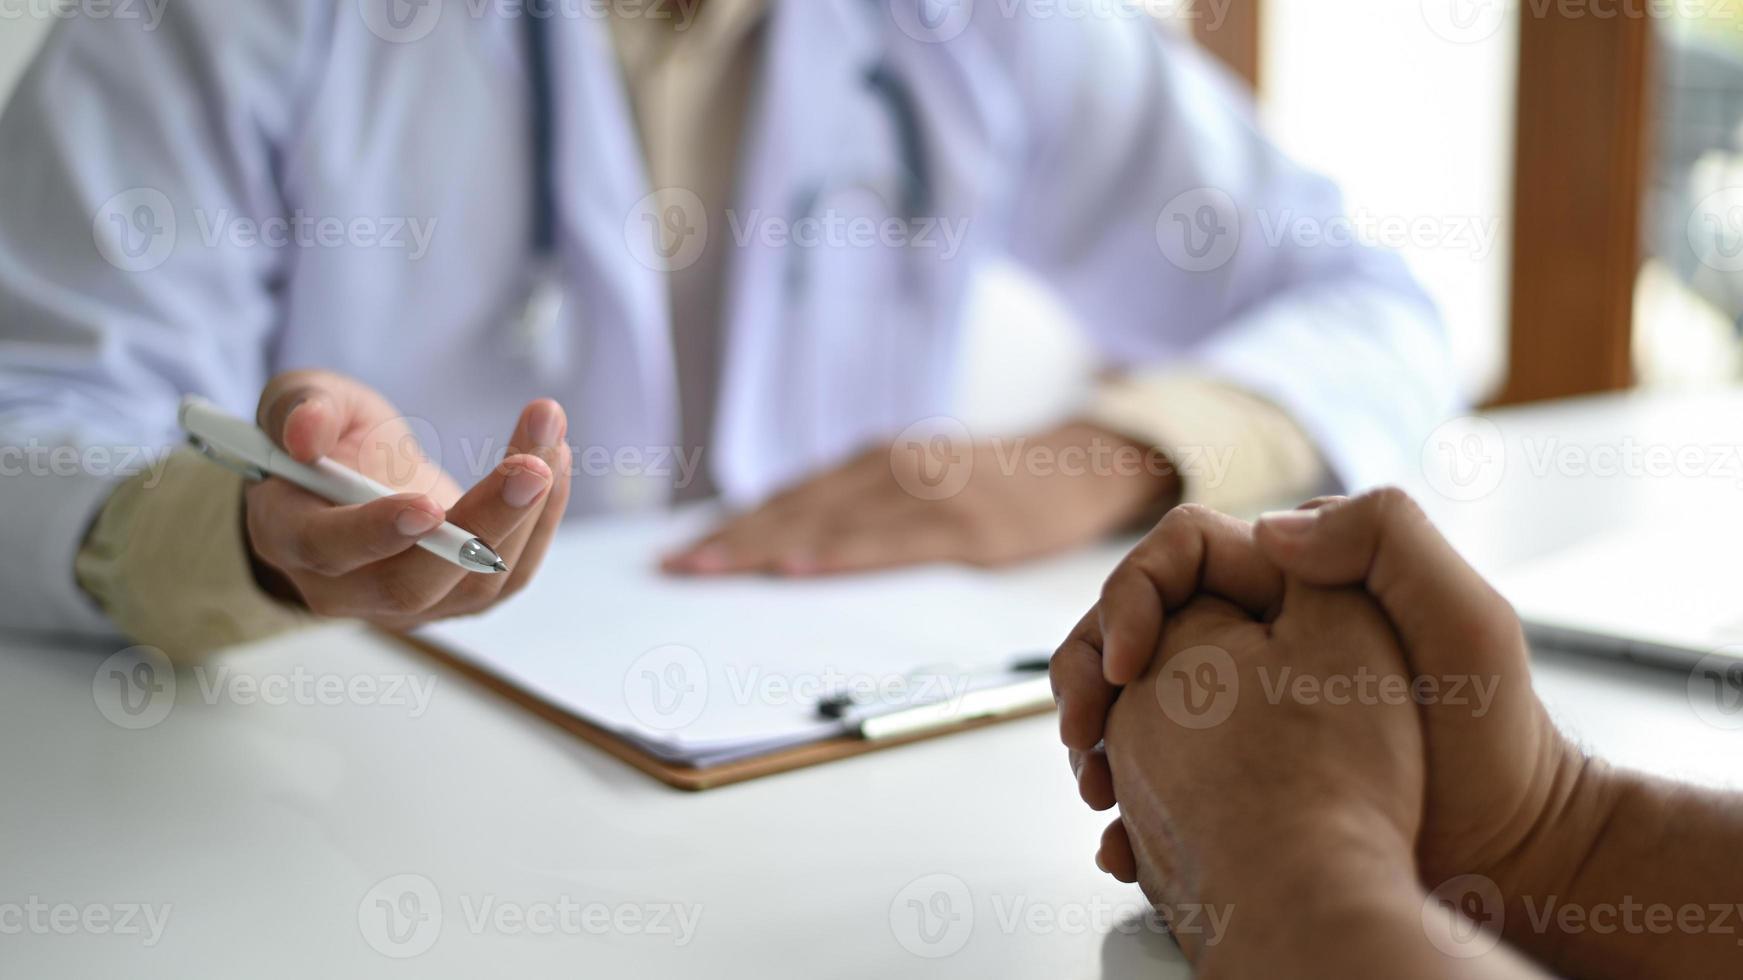 medicinsk koncept, lyssnar patienter på råd från läkare. foto